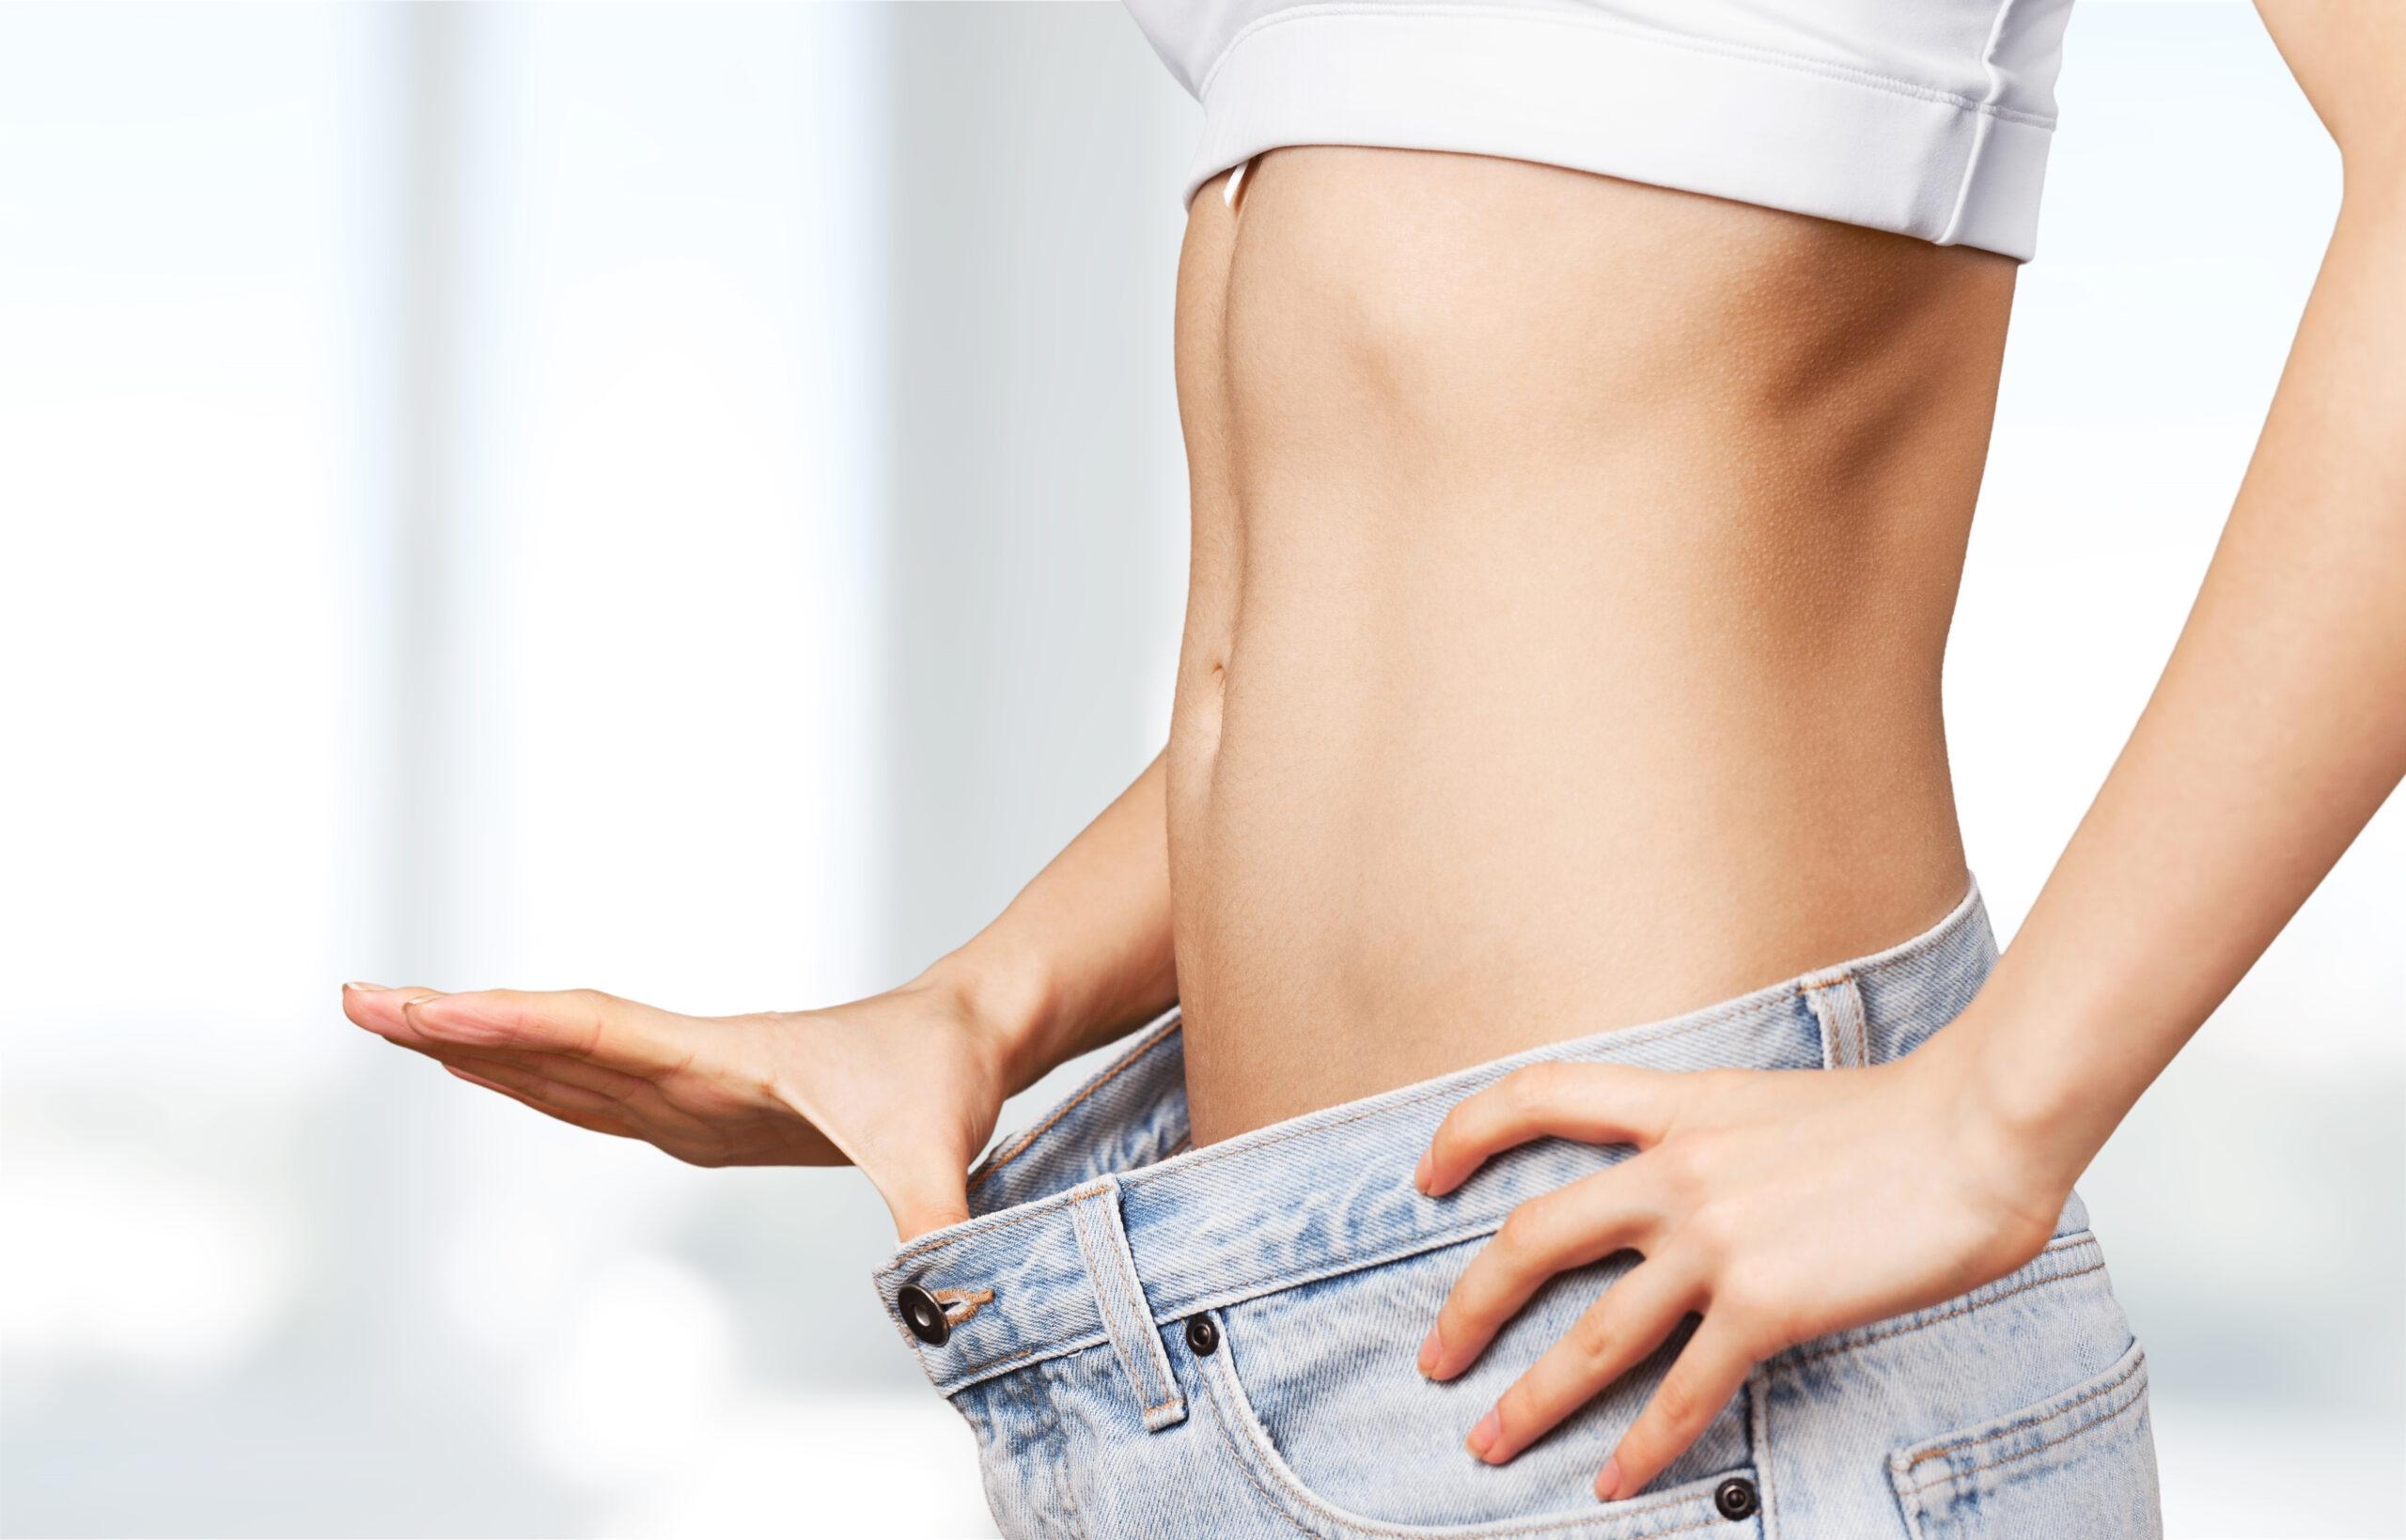 温活デトックス!ダイエット体重減までお手伝い!ダイエットプログラム100分